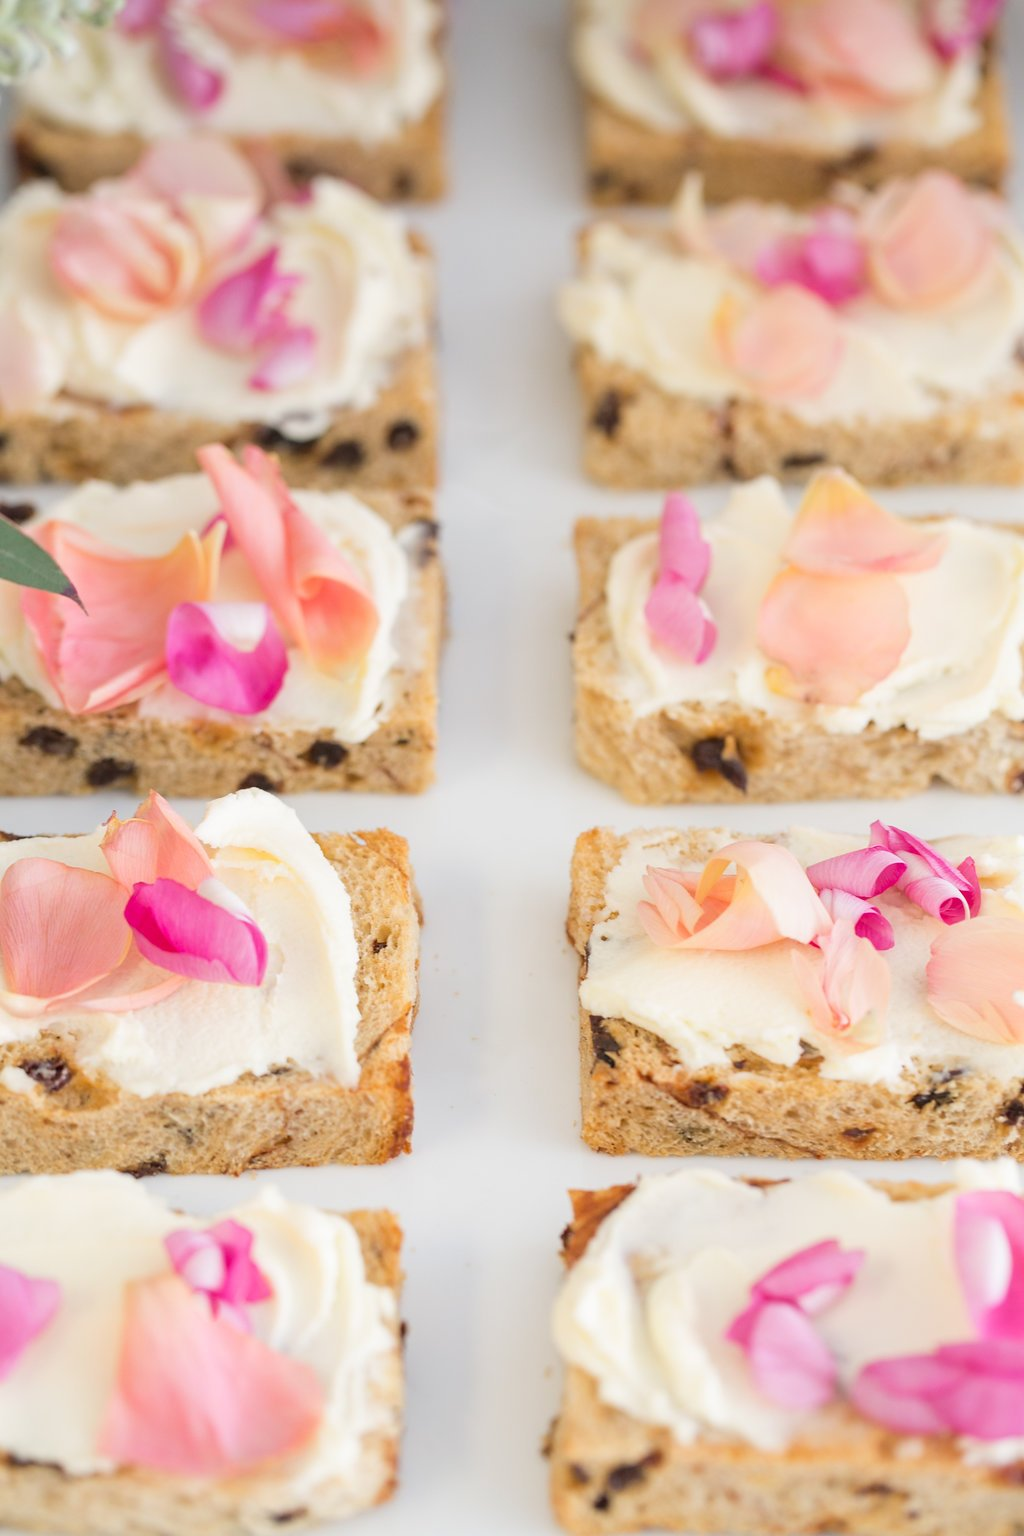 floral toast for bridal shower dessert table